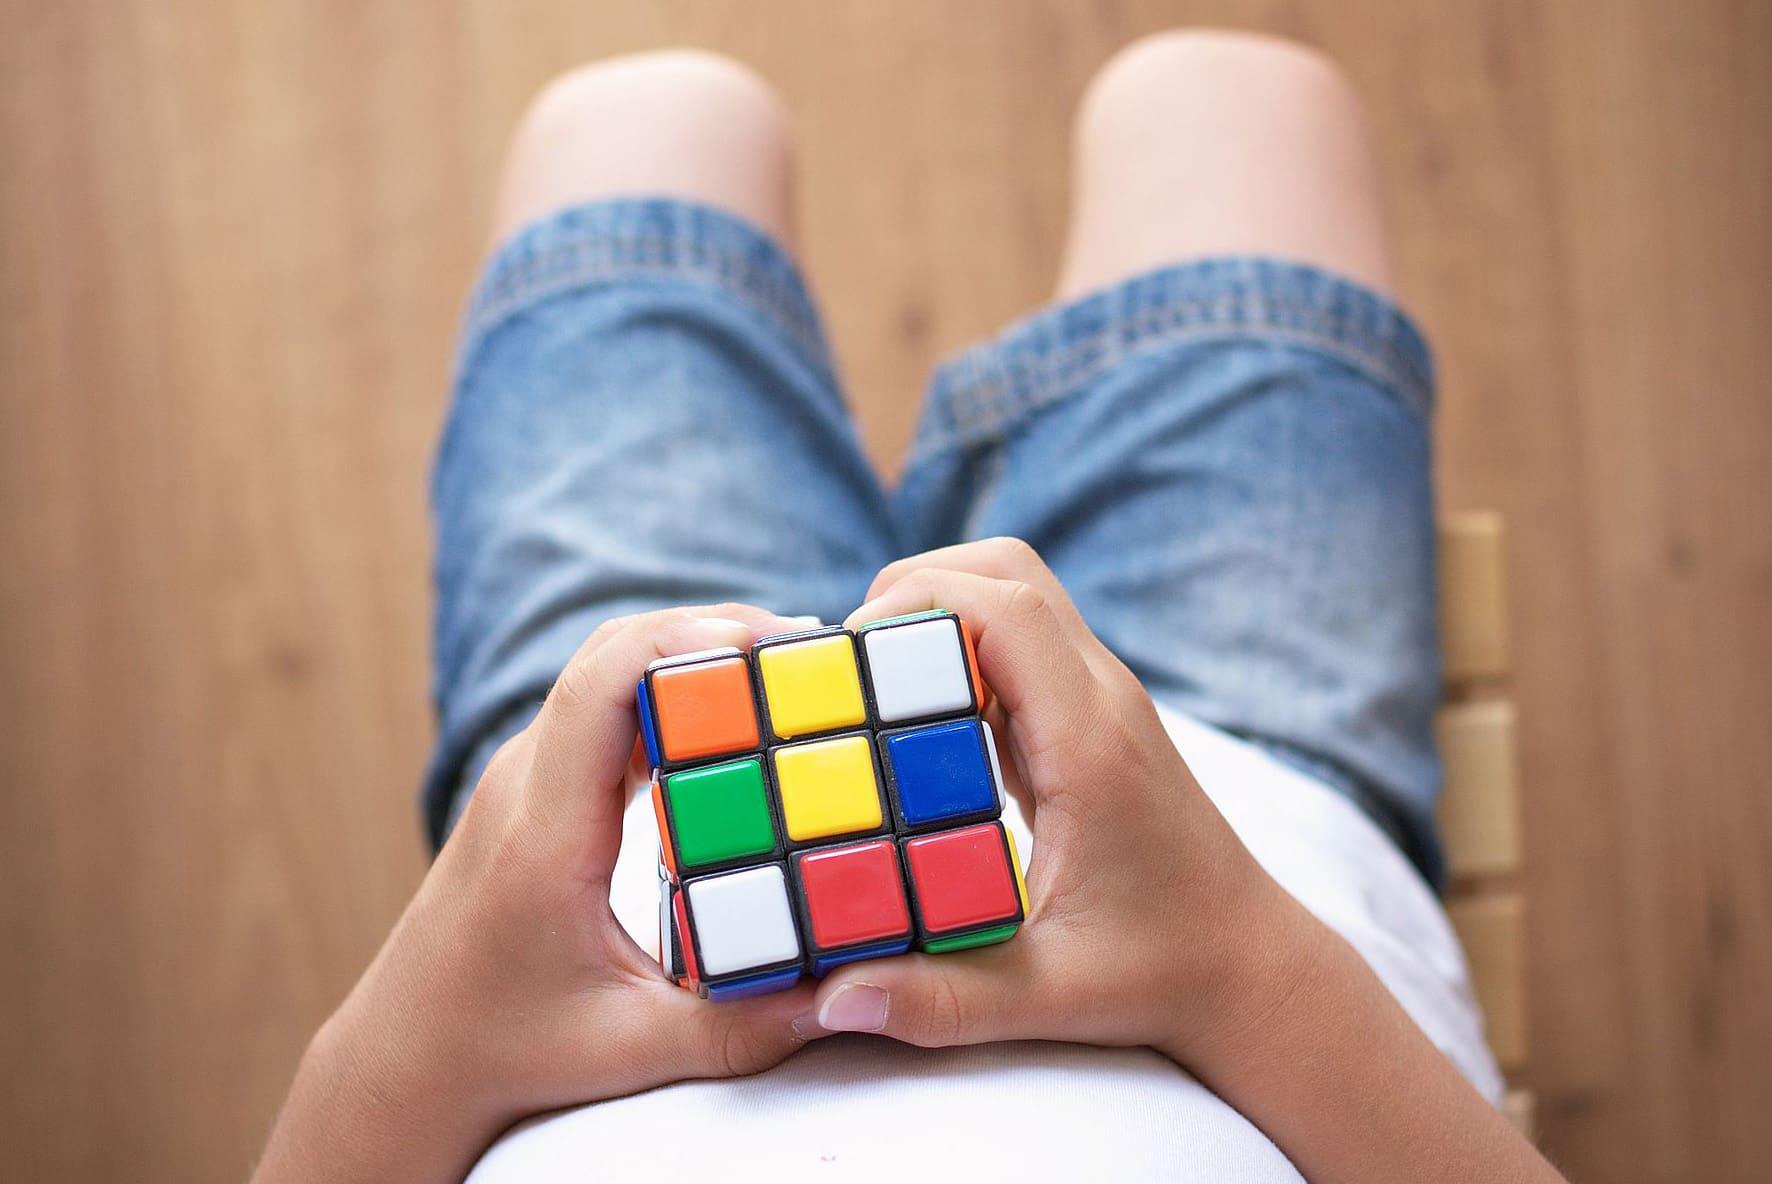 Кубік Рубіка. Рэкорды па збіранні.